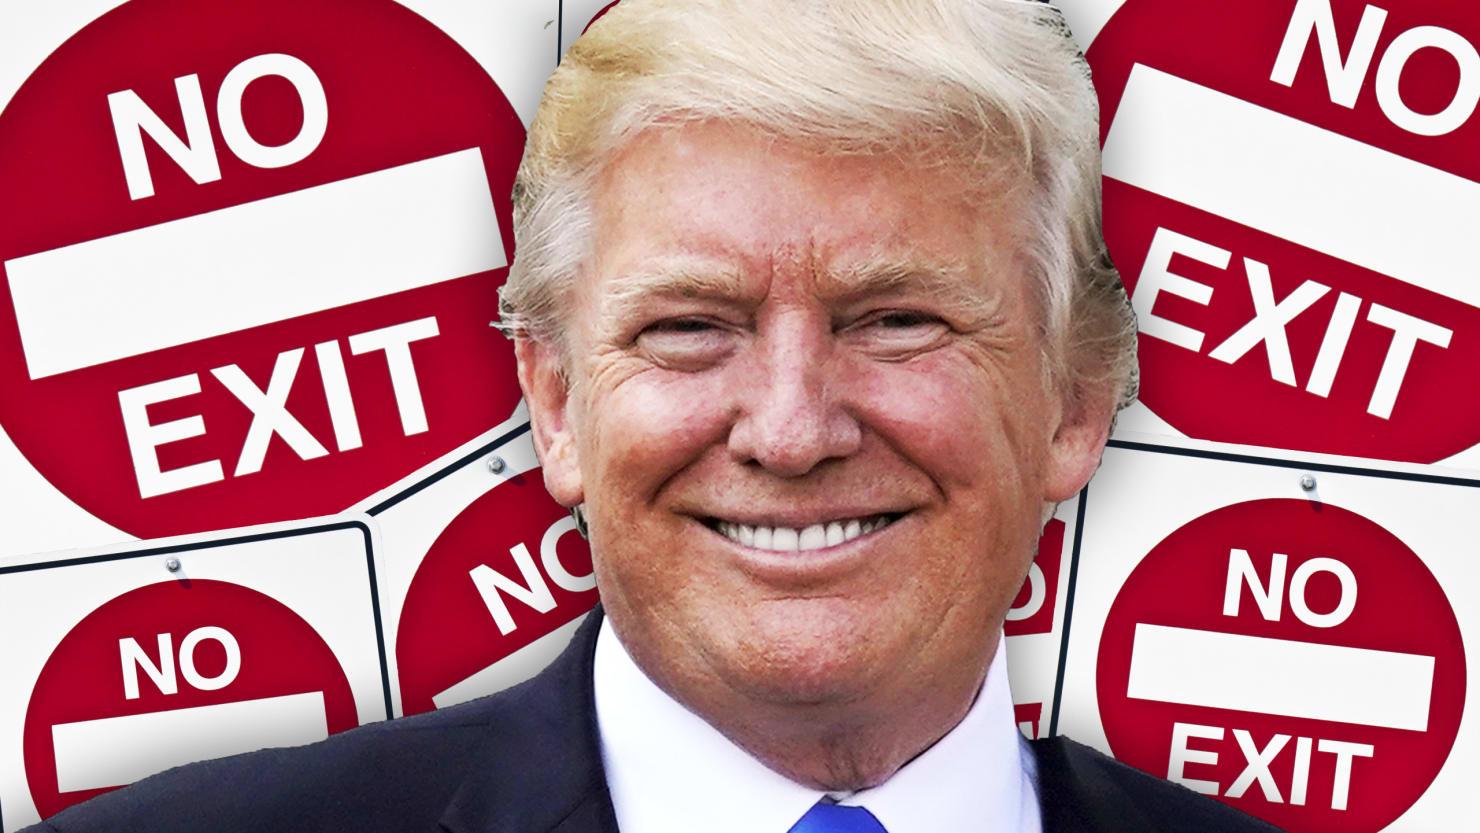 No Trump (No Tarneeb)